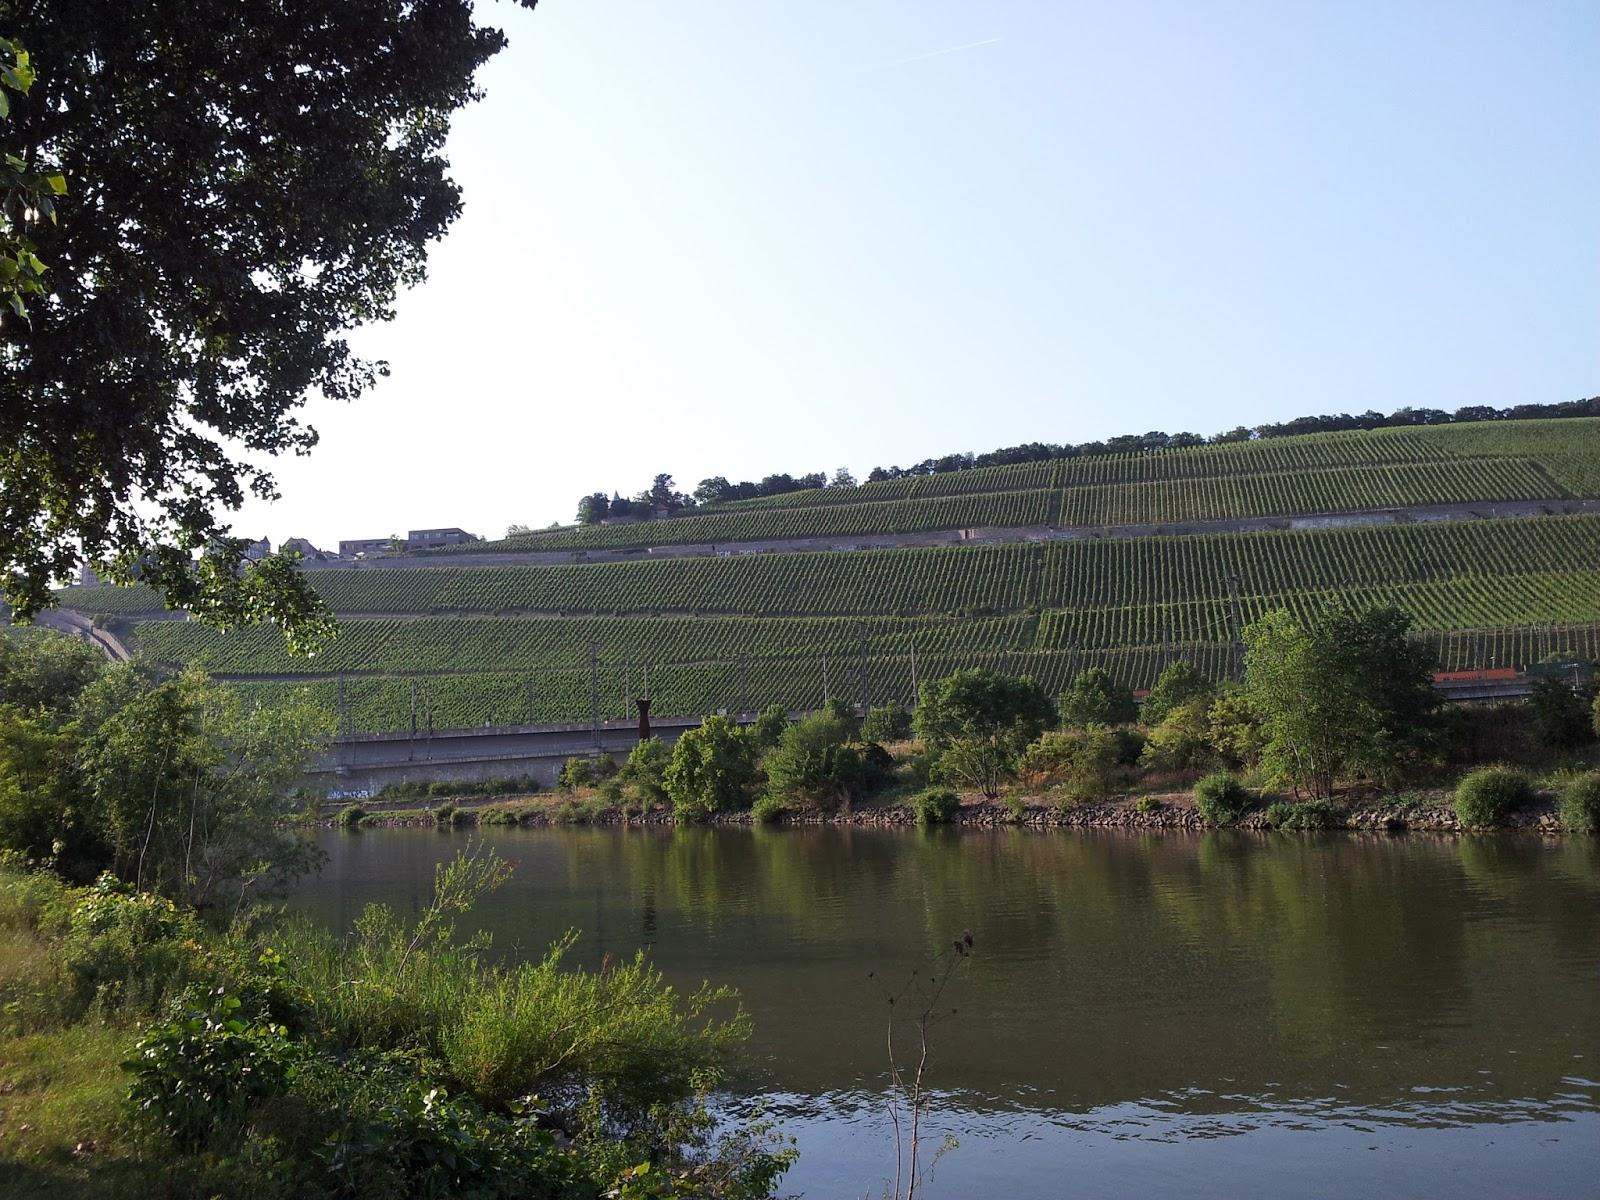 Weinberg Würzburg stone